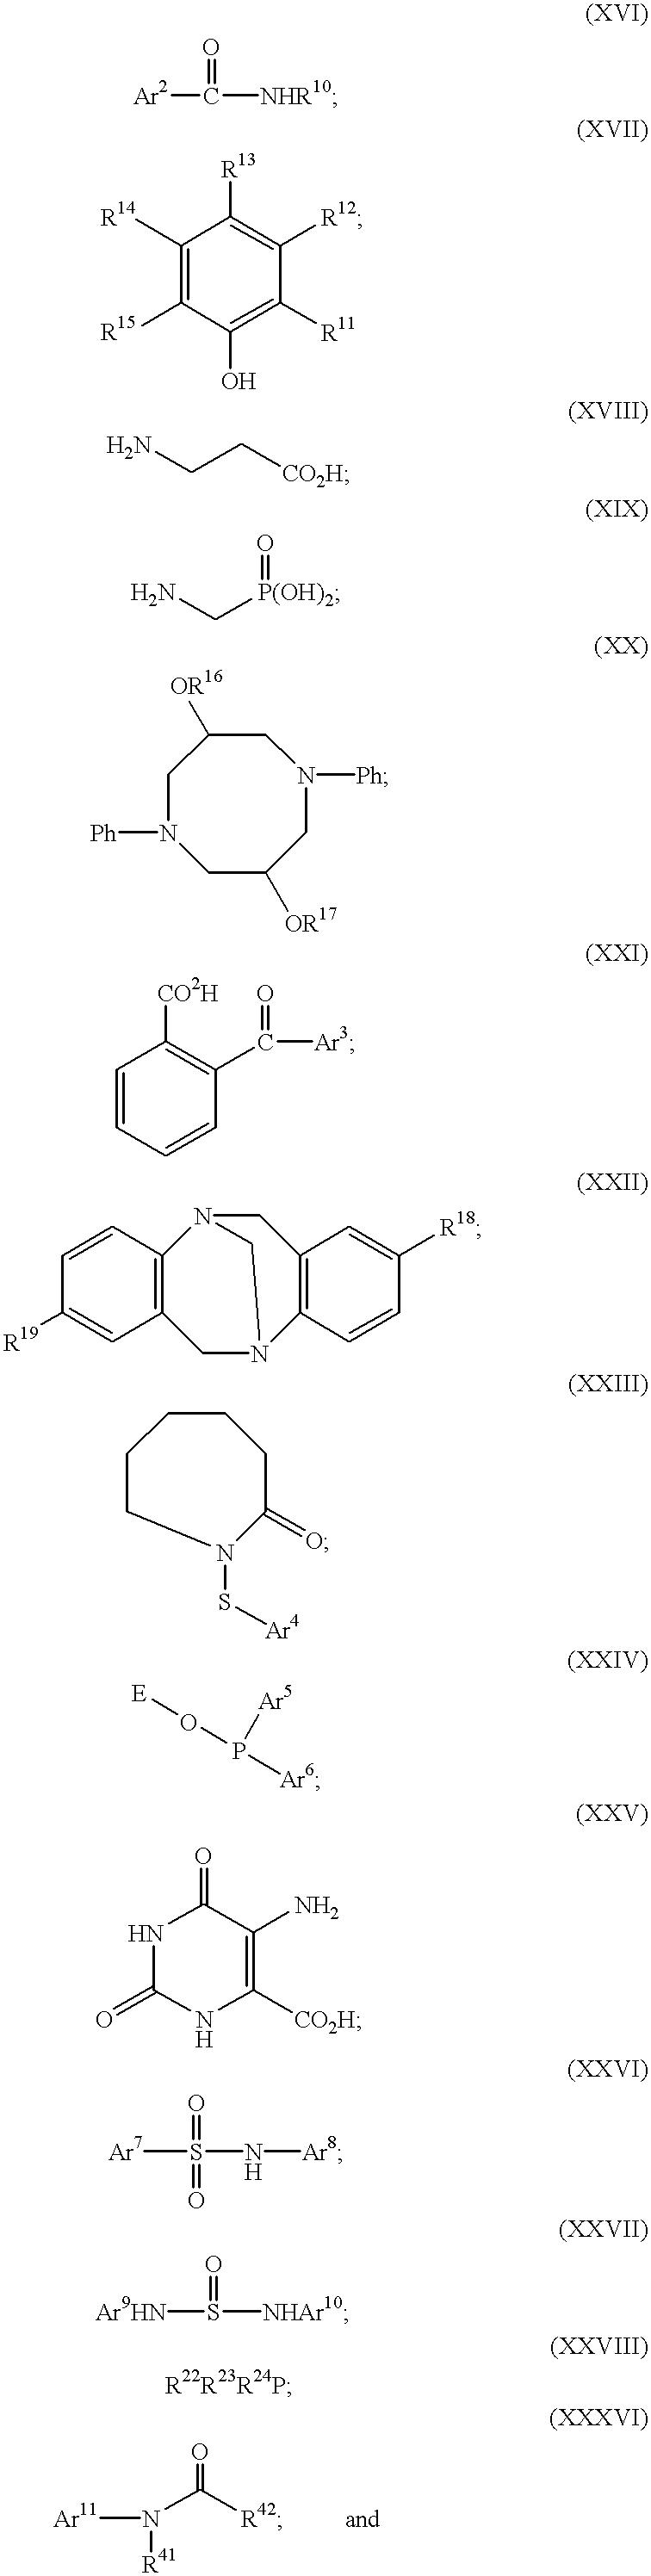 Figure US06320005-20011120-C00003